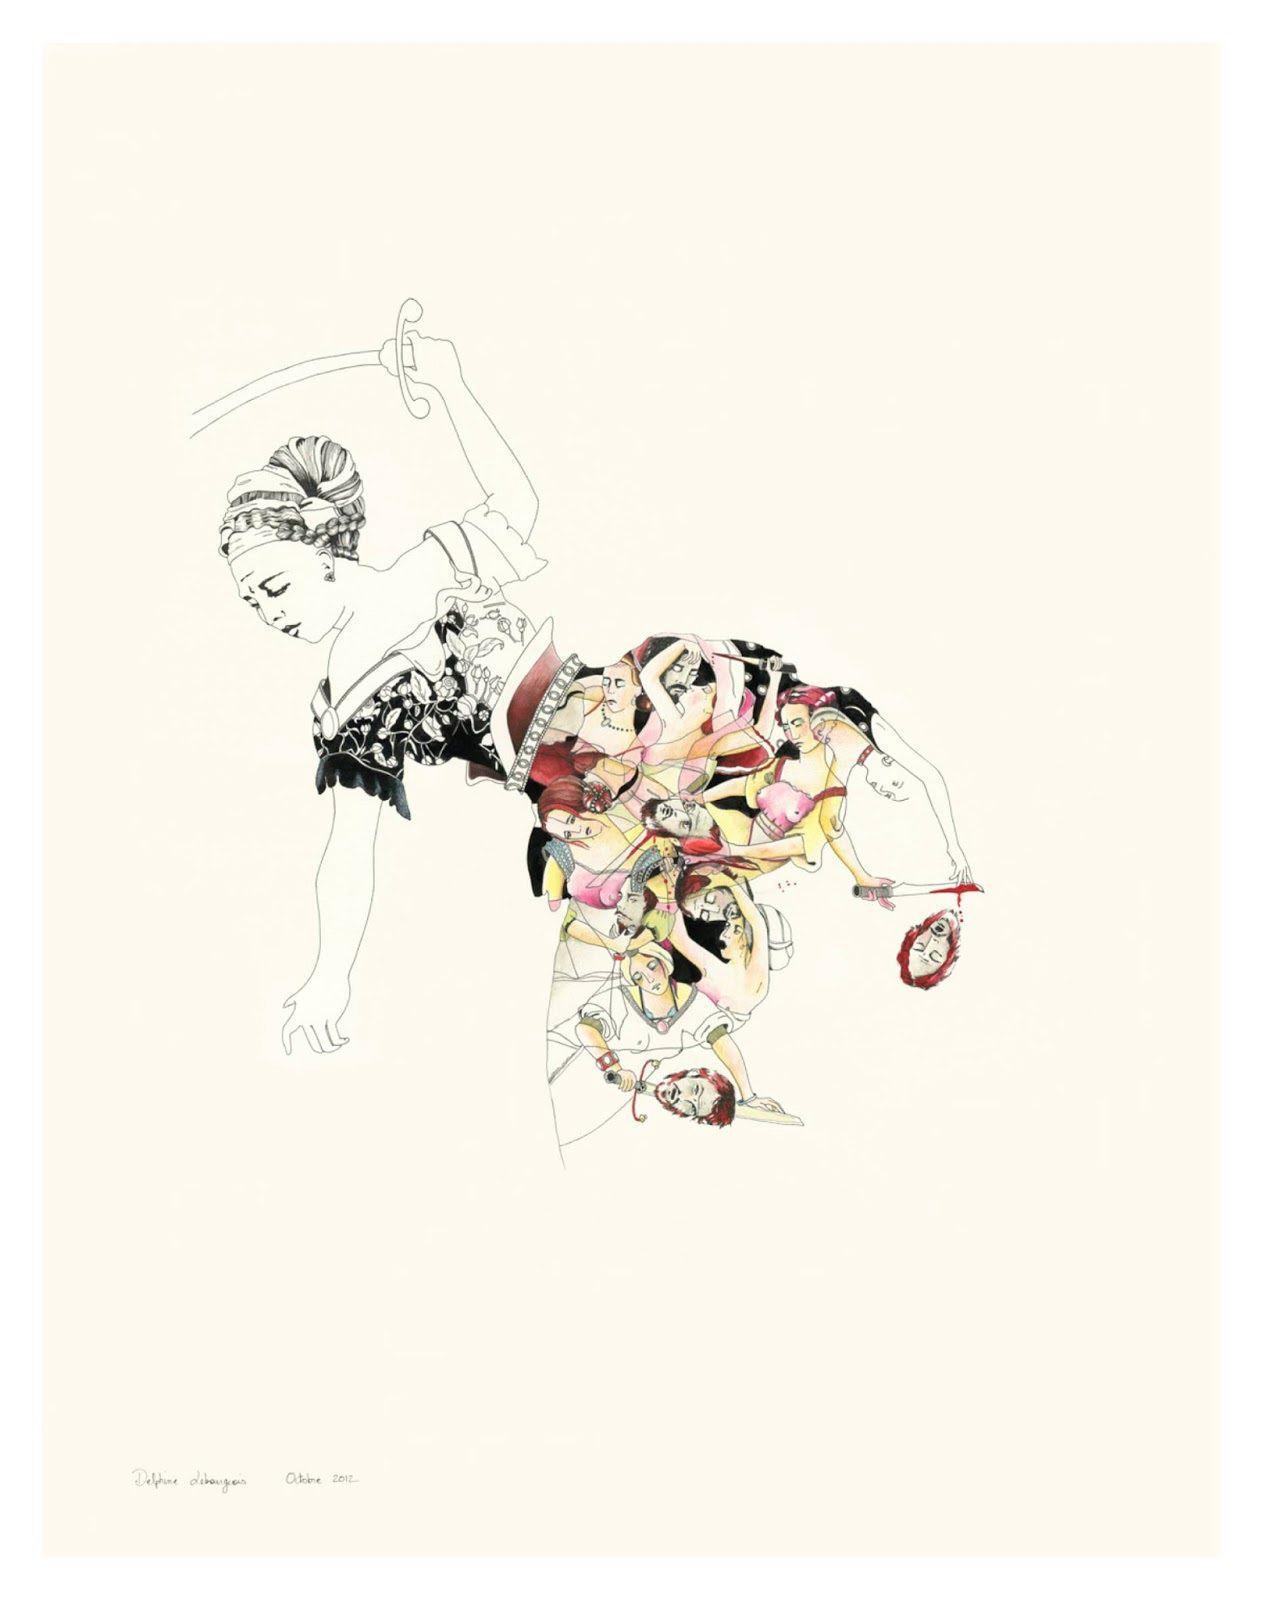 Delphine Lebourgeois 绘画艺术欣赏